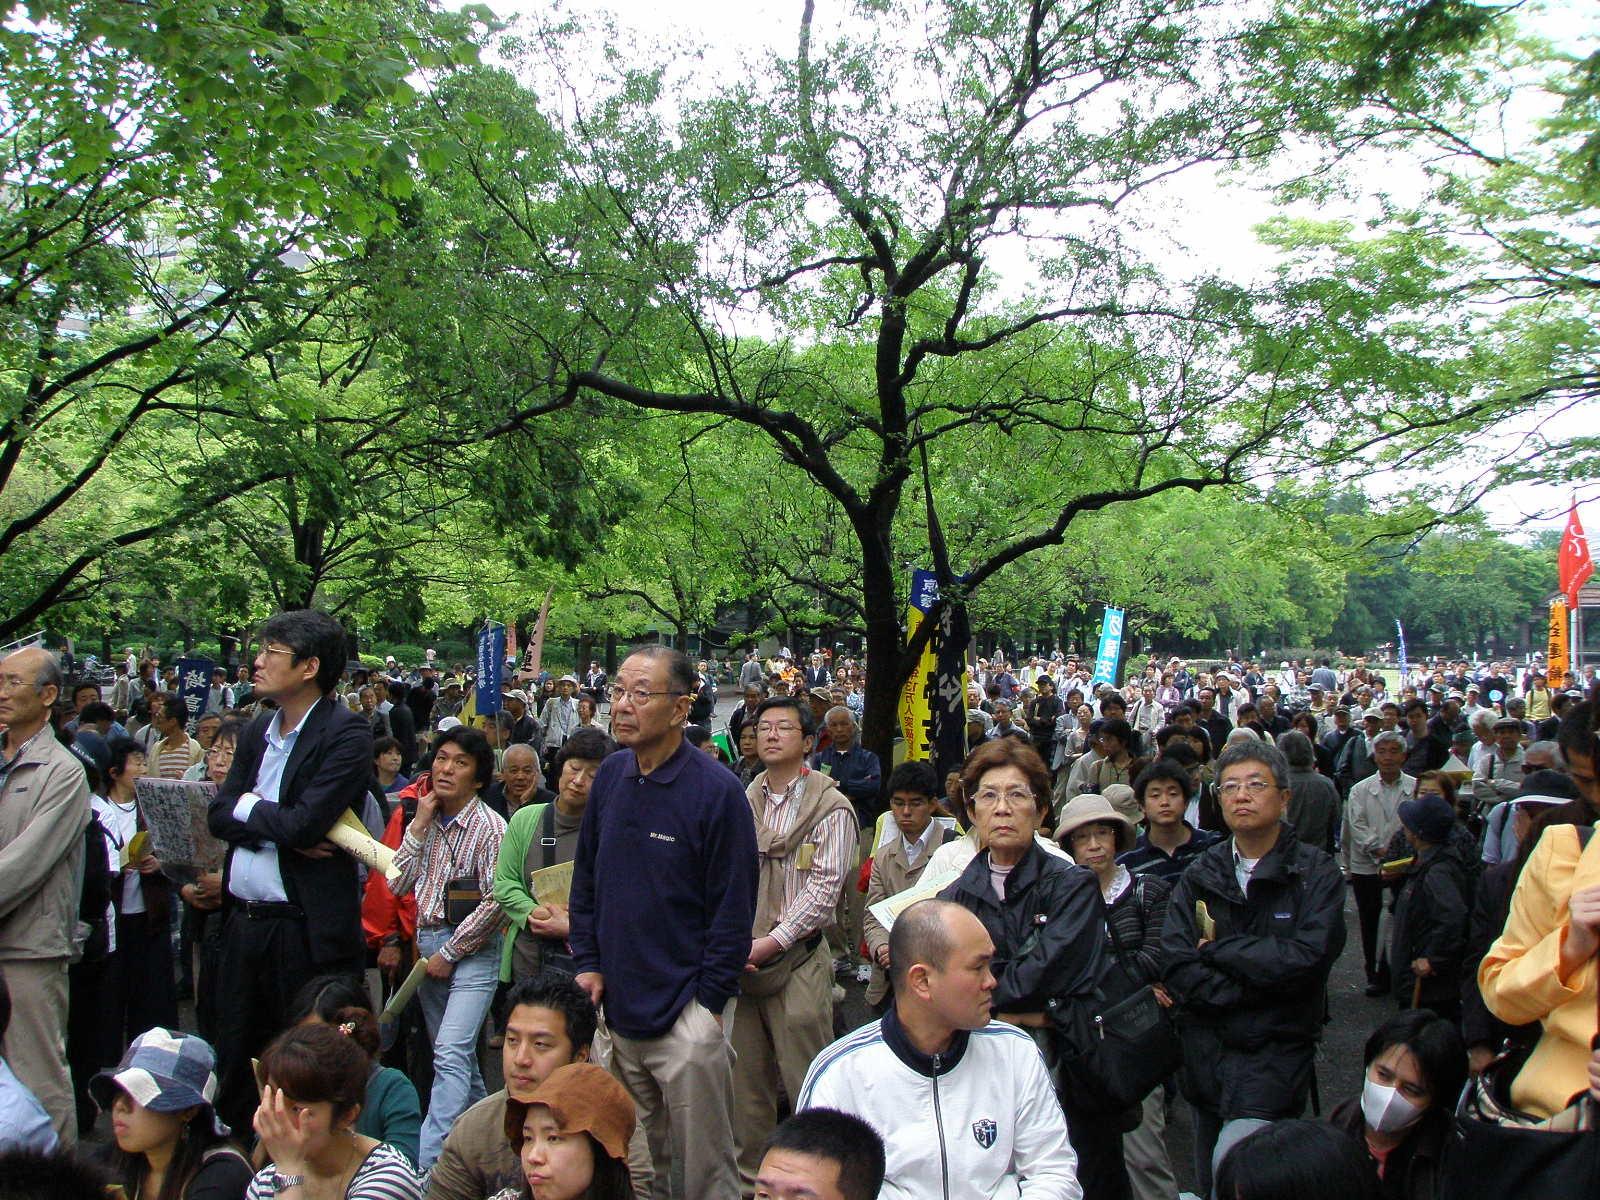 La gente rimasta fuori dal palazzo subito riempito da chi ha fatto la fila sin dalla mattina